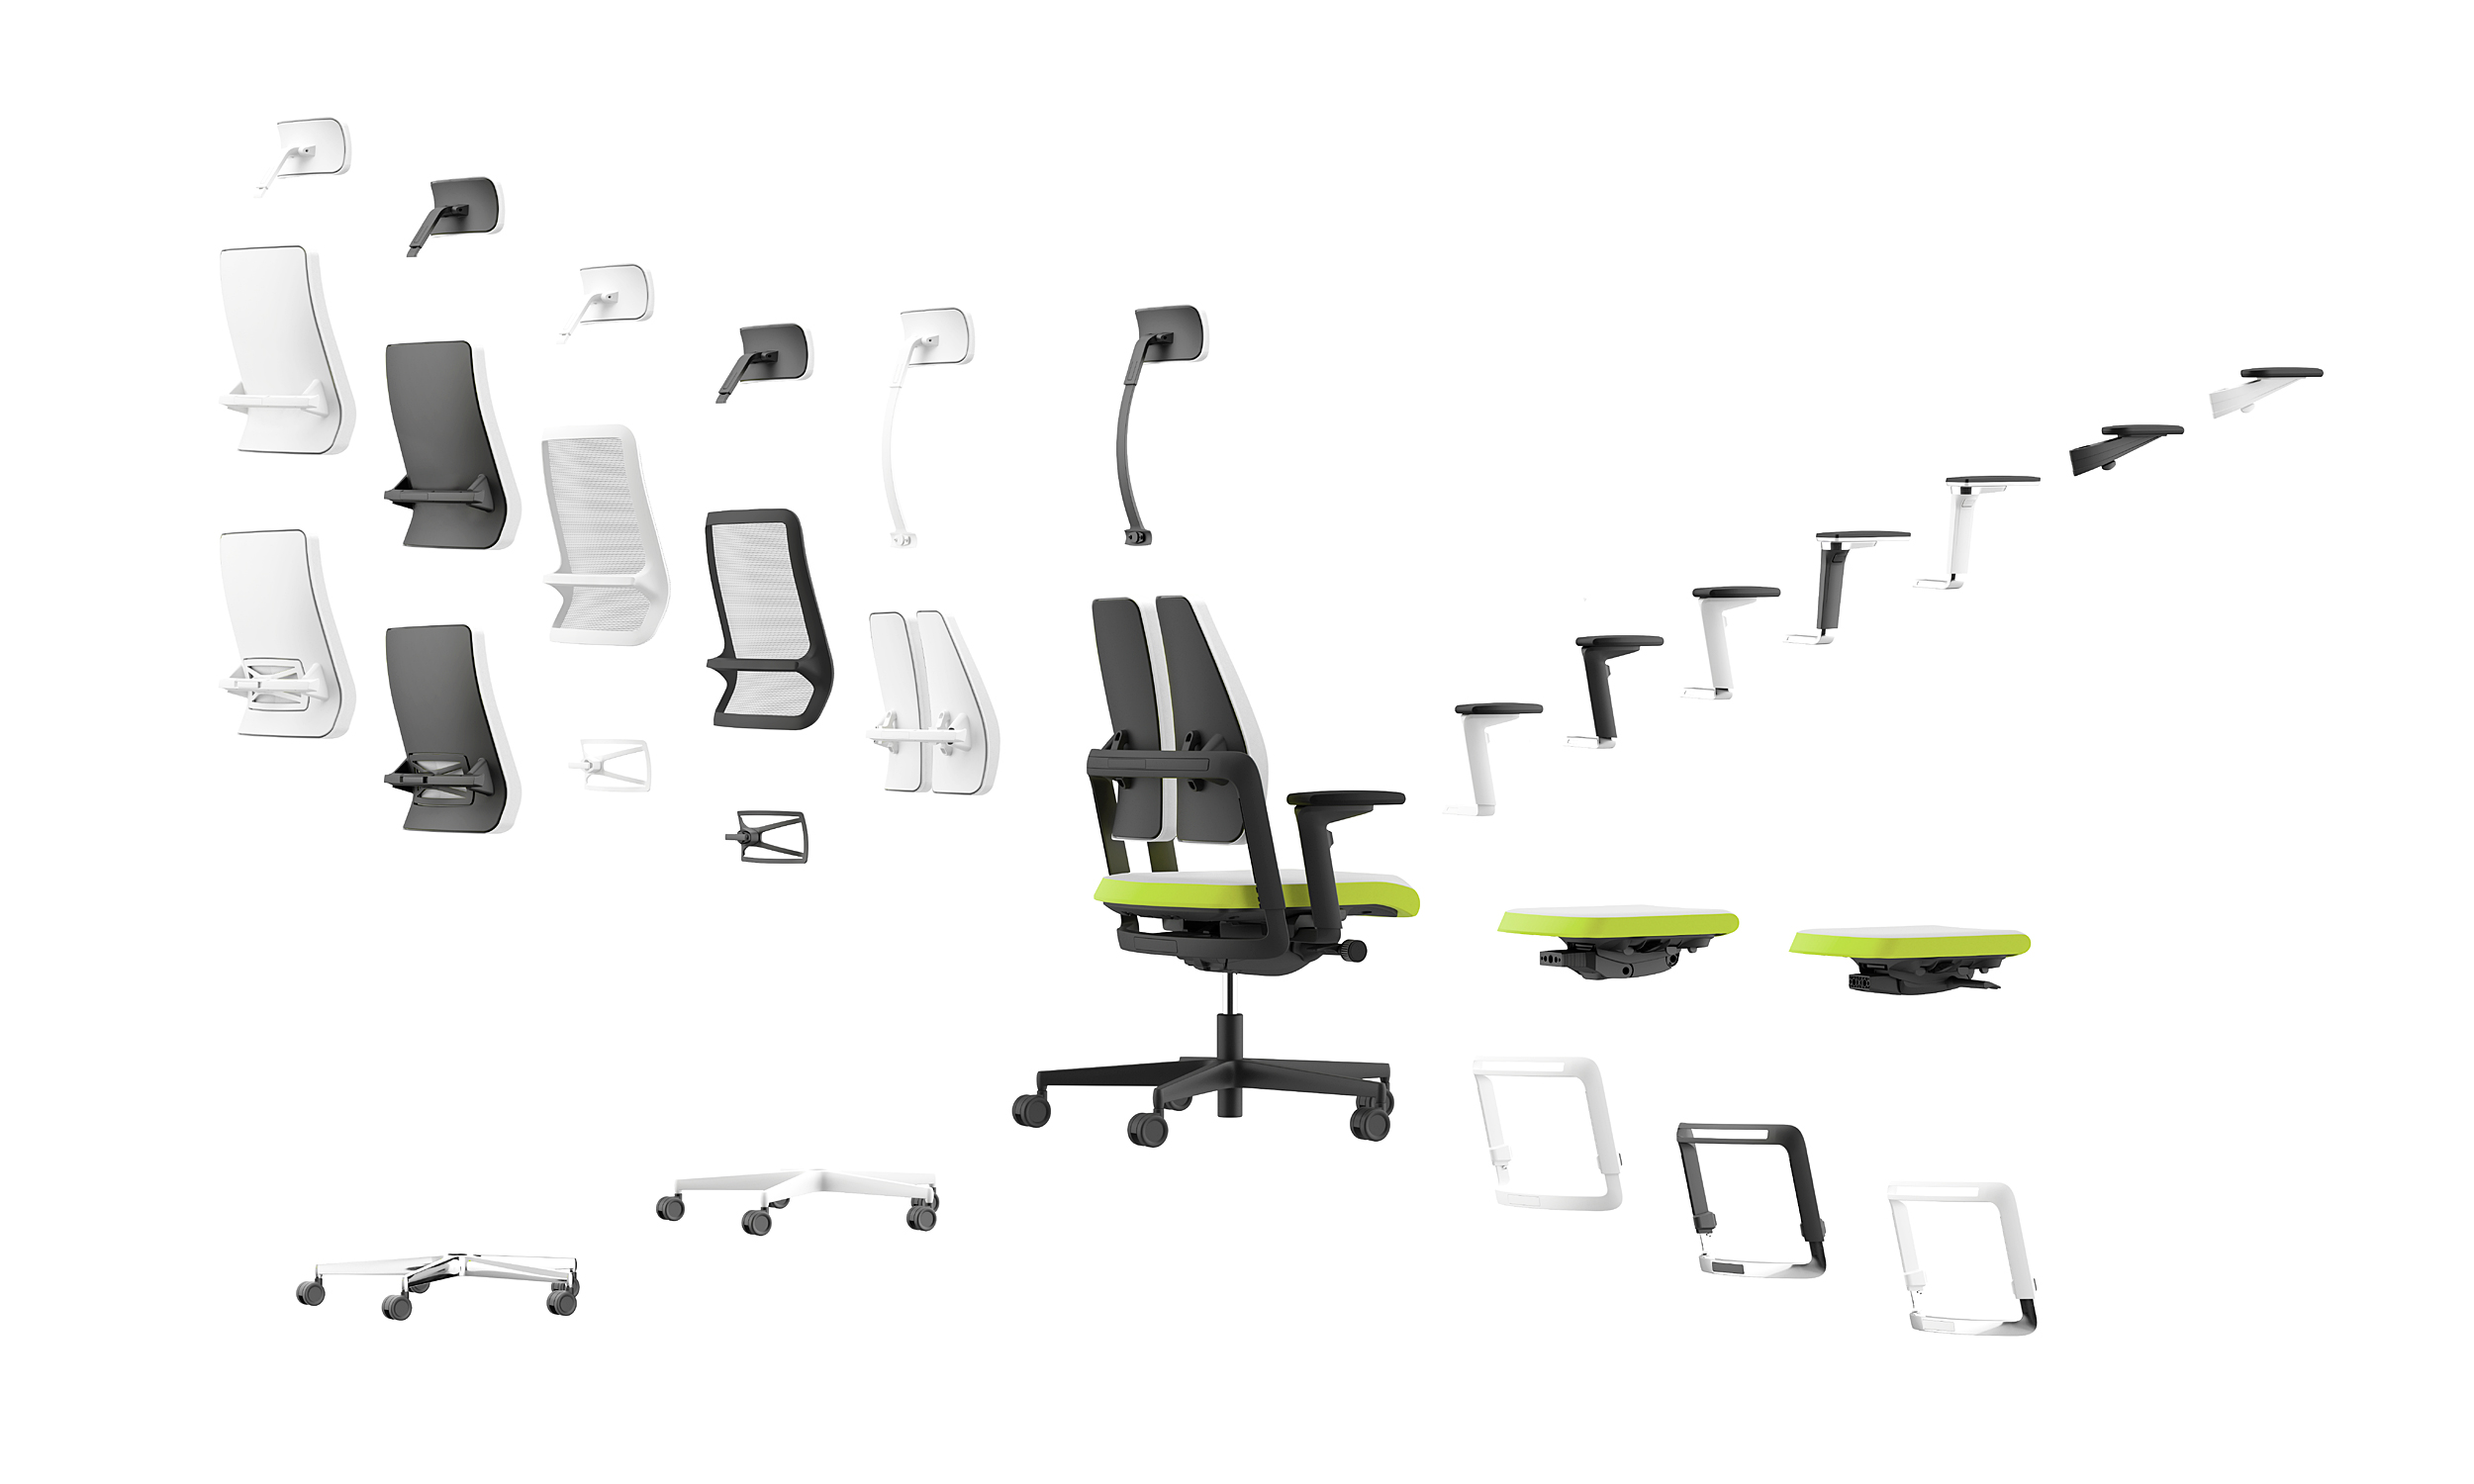 xilium biuro kėdės konfiguracija